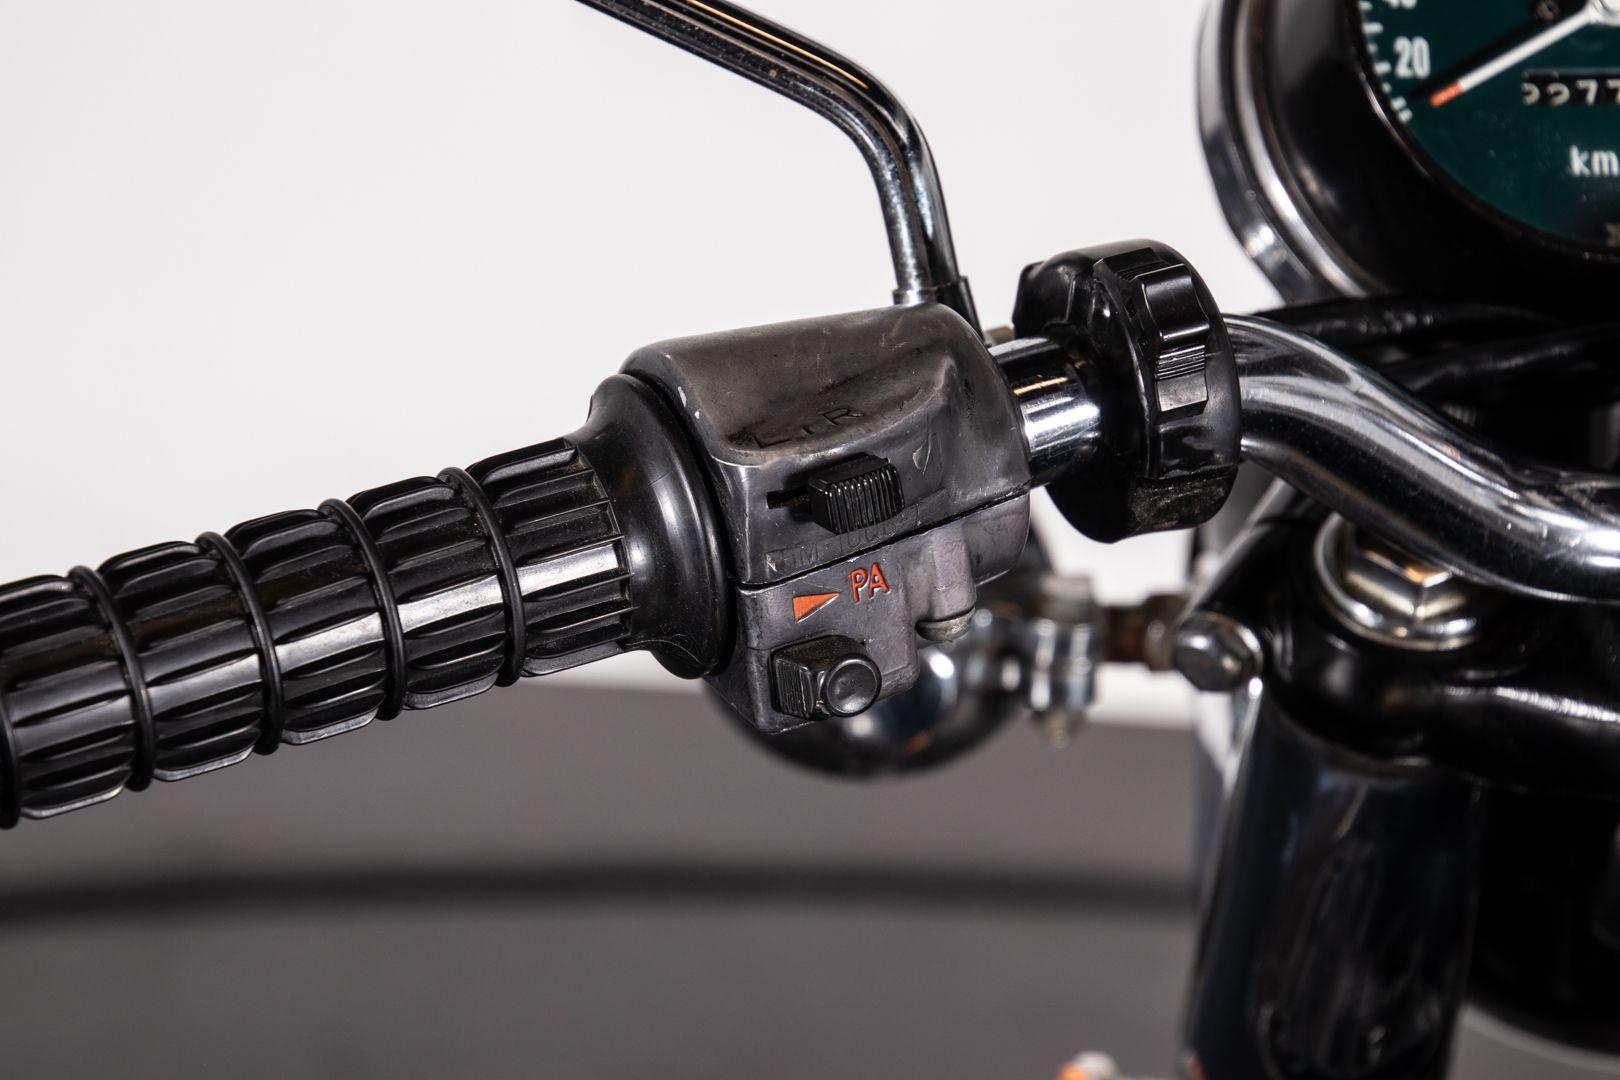 1973 Honda CB 750 Four 44309